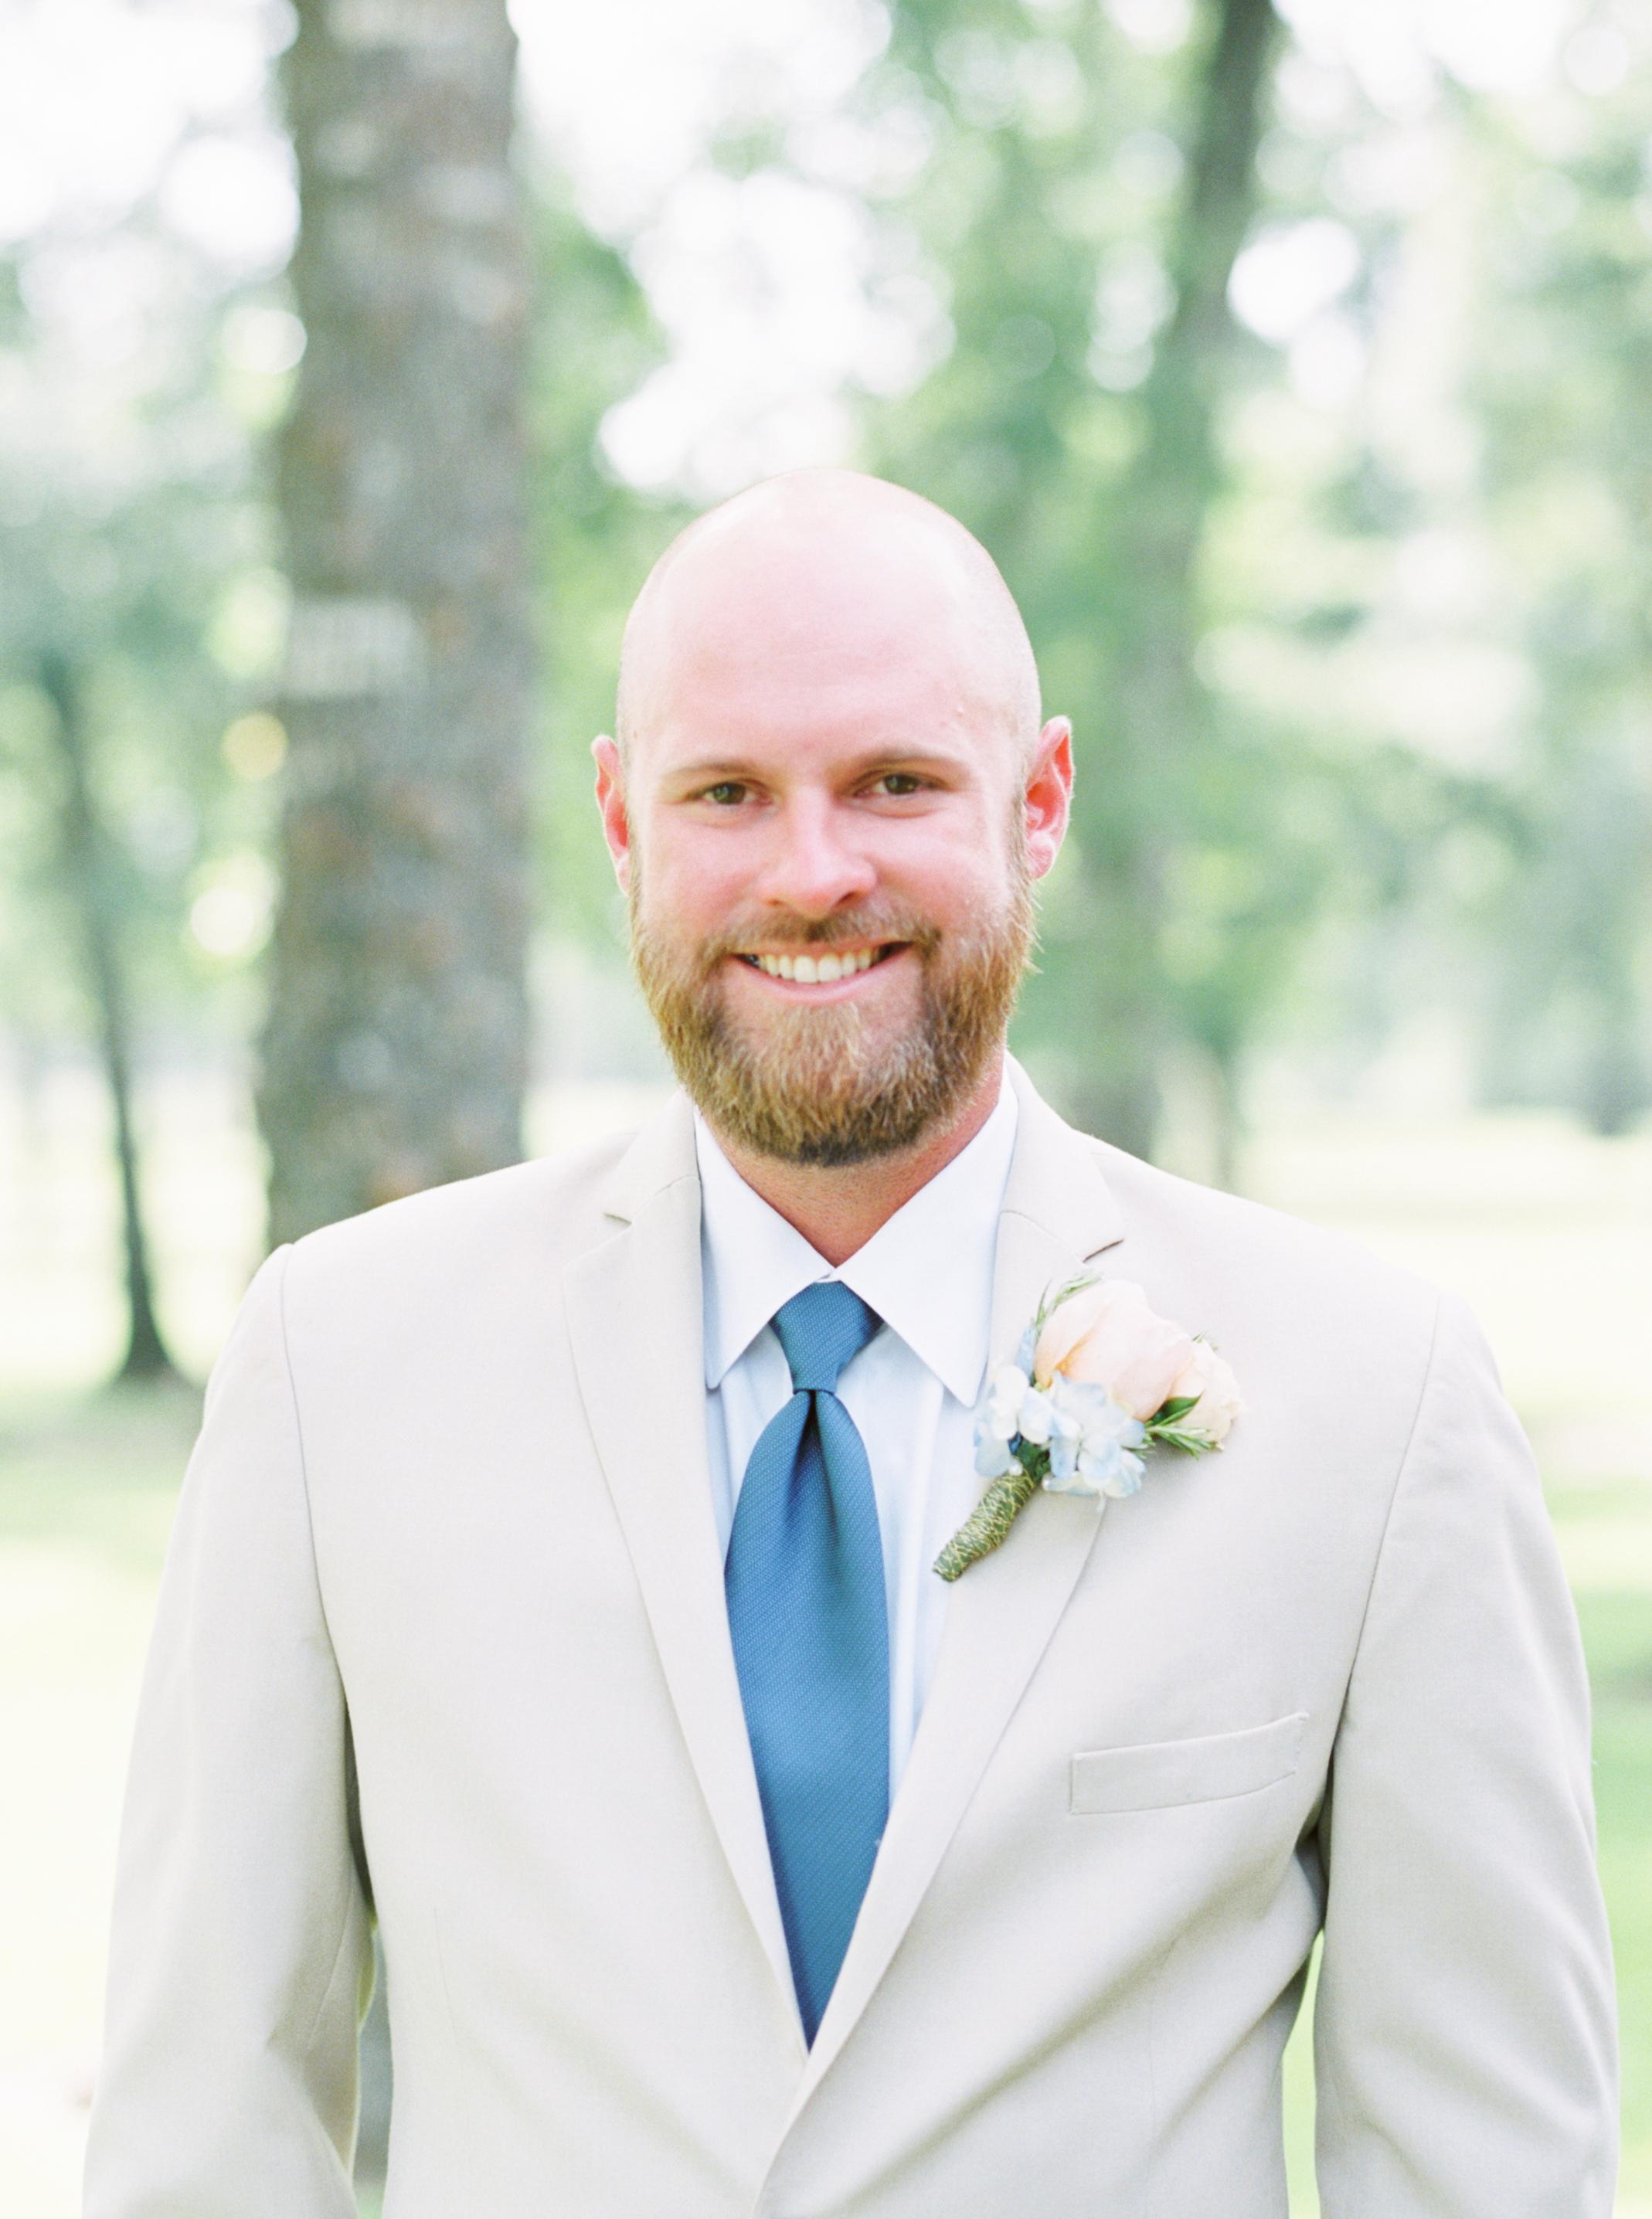 Balmorhea Events Weddings